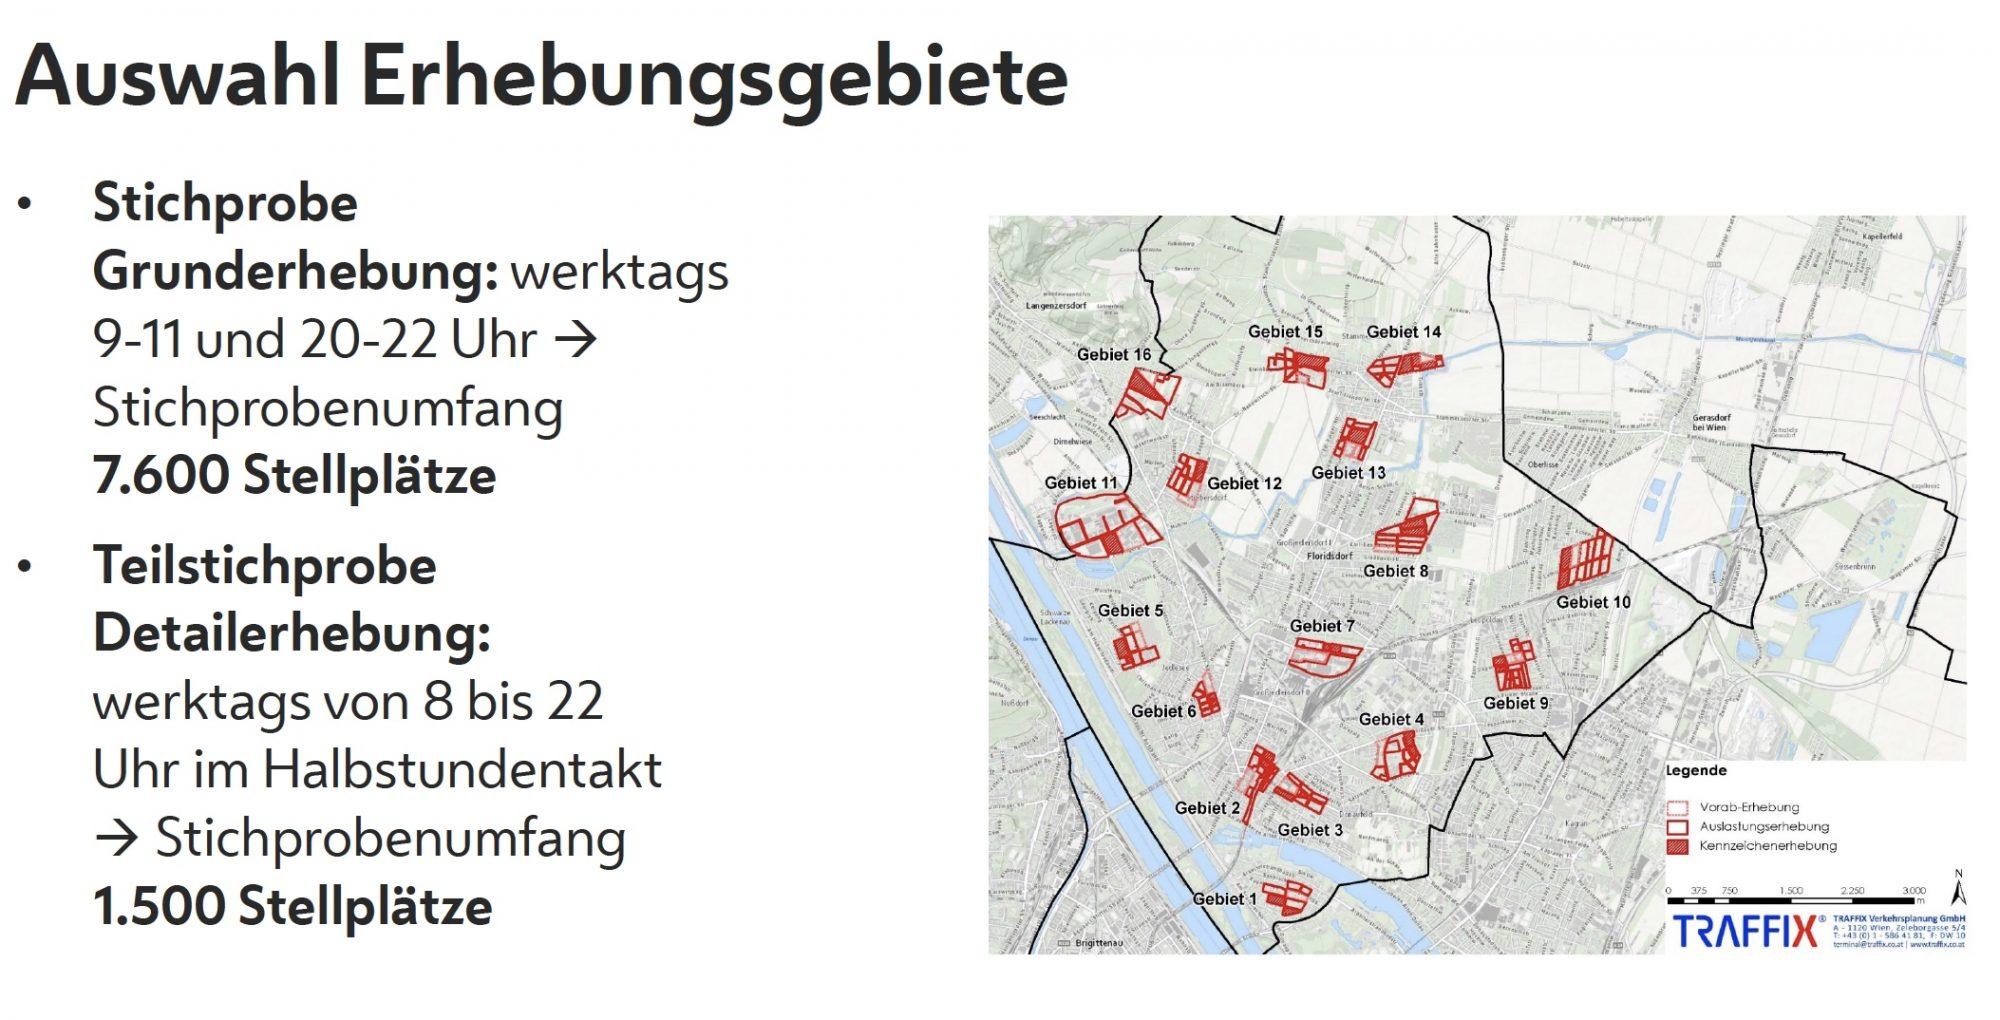 Erhebungsgebiete. Bild: Stadt Wien - Stadtentwicklung und Stadtplanung, Traffix.